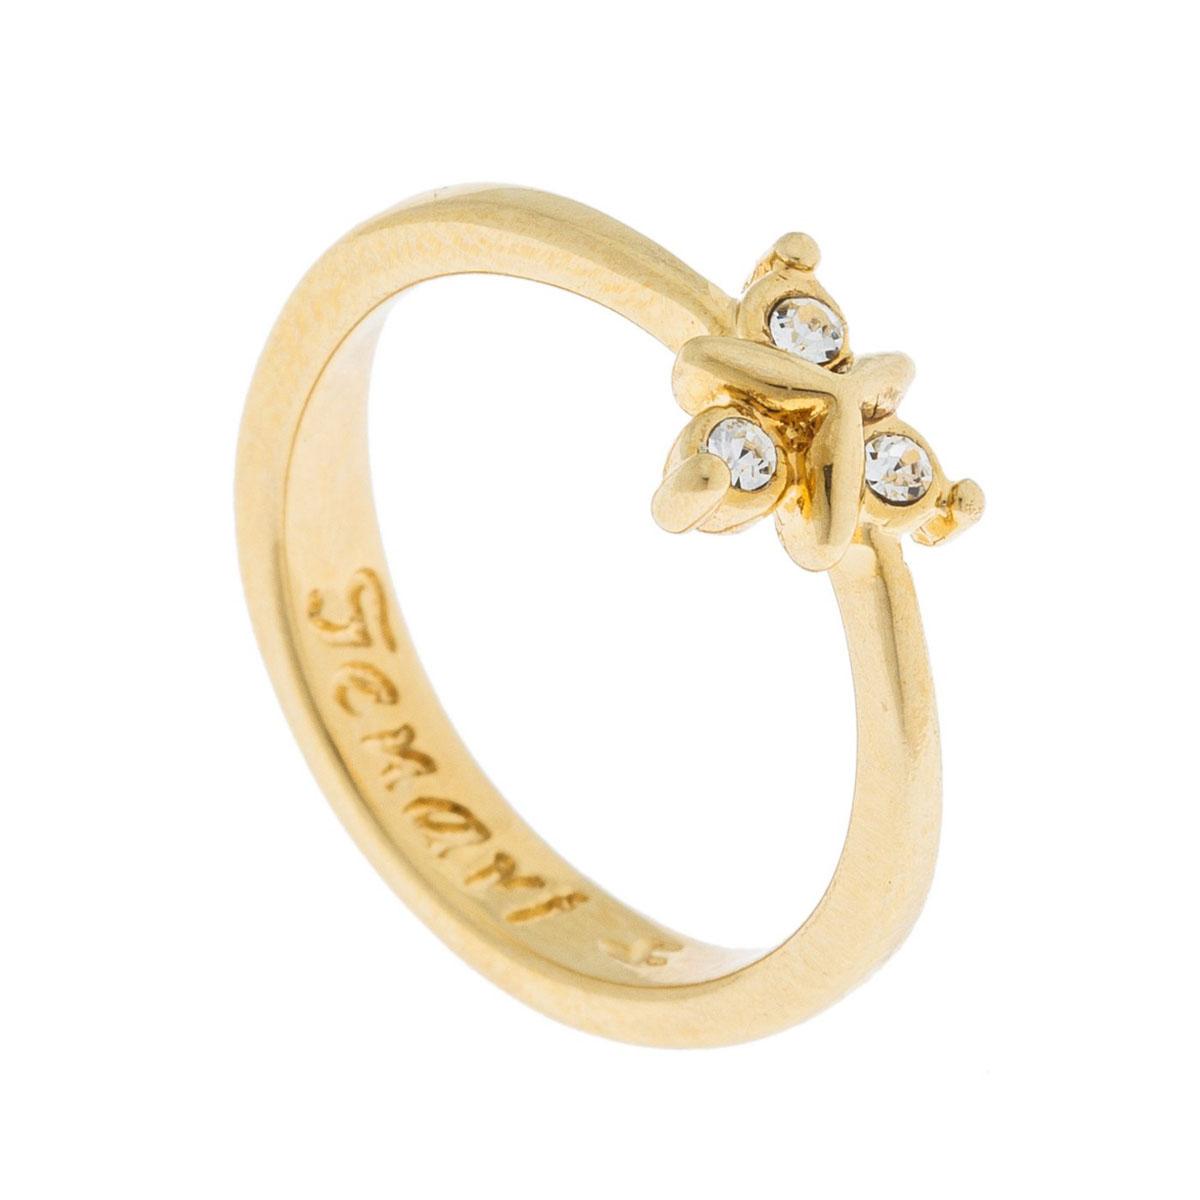 Кольцо Jenavi Эюя, цвет: золотой, белый. k493p000. Размер 16k493p000Коллекция Э, Эюя (Кольцо) гипоаллергенный ювелирный сплав,Позолота, вставка Кристаллы Swarovski